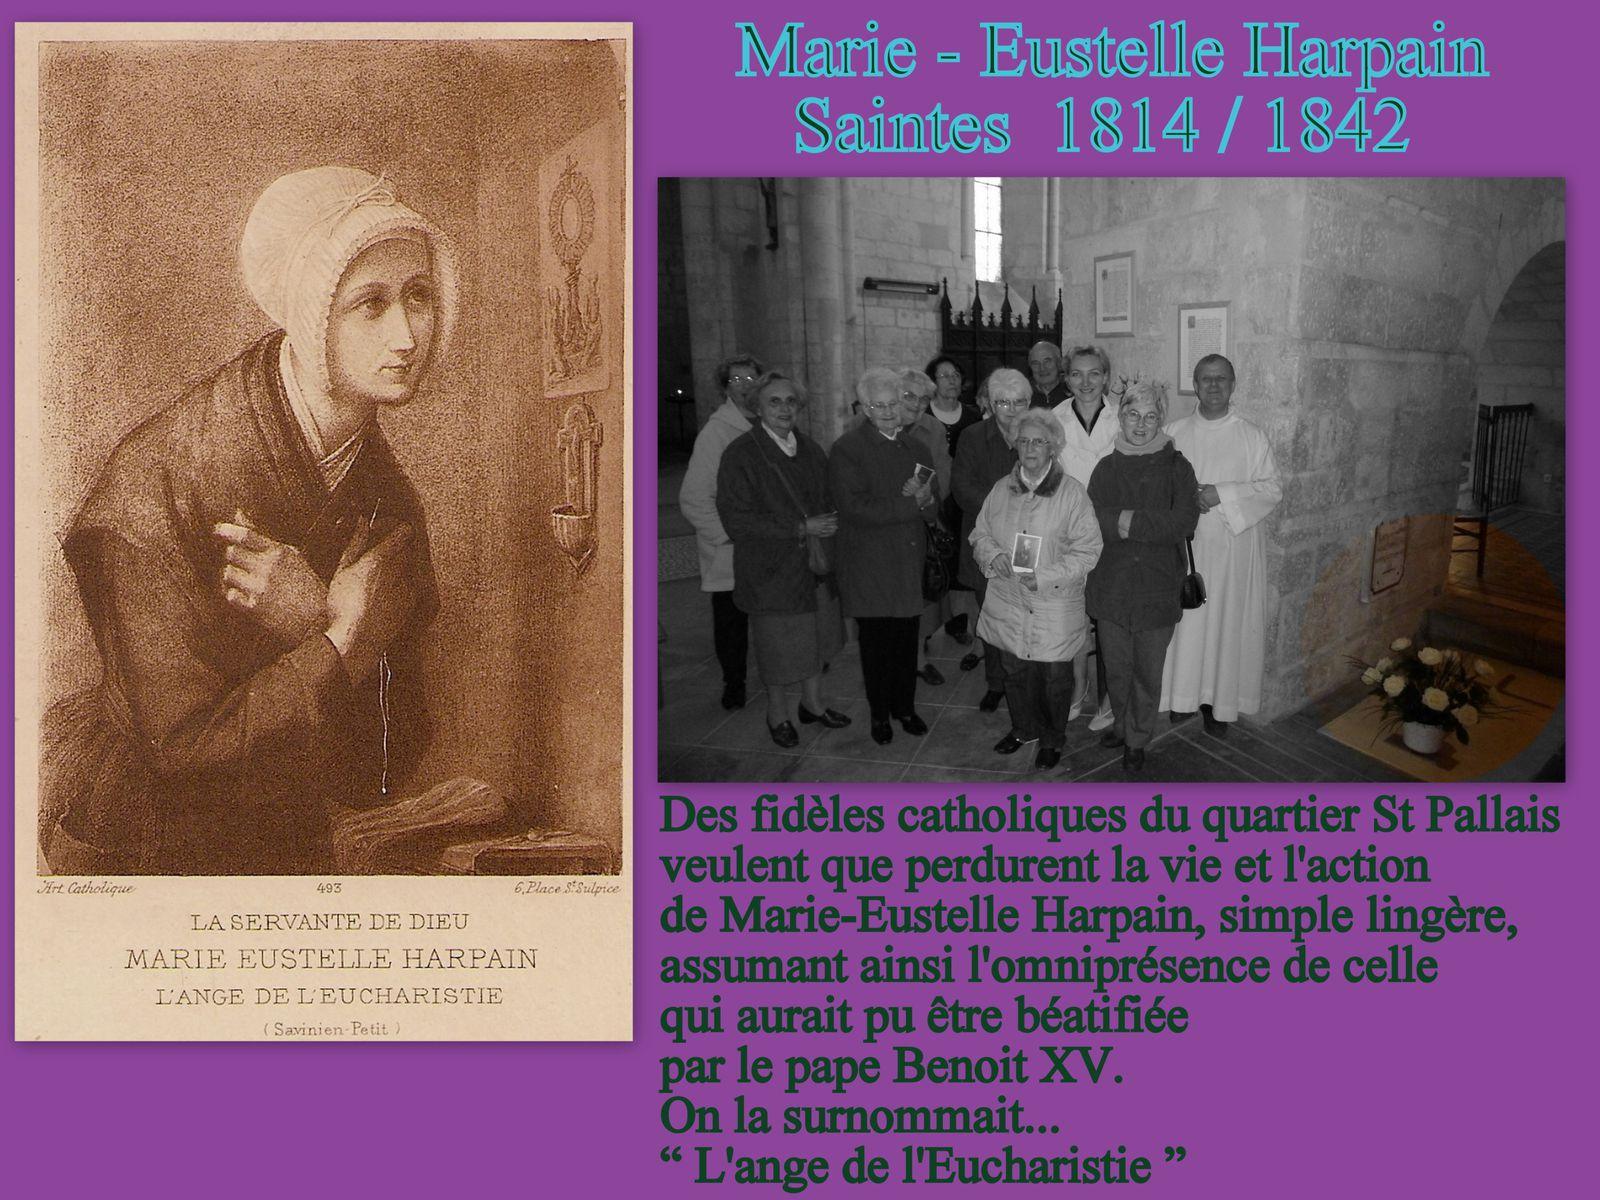 Des paroissiens du quartier St Pallais n'oublient pas celle qui aurait pu être béatifiée si le pape Benoit XV n'avait pas choisi les Martyrs des tristes pontons de Rochefort (Ile Madame) Marie-Eustelle a cessé sa vie terrestre le 20 avril 1842.